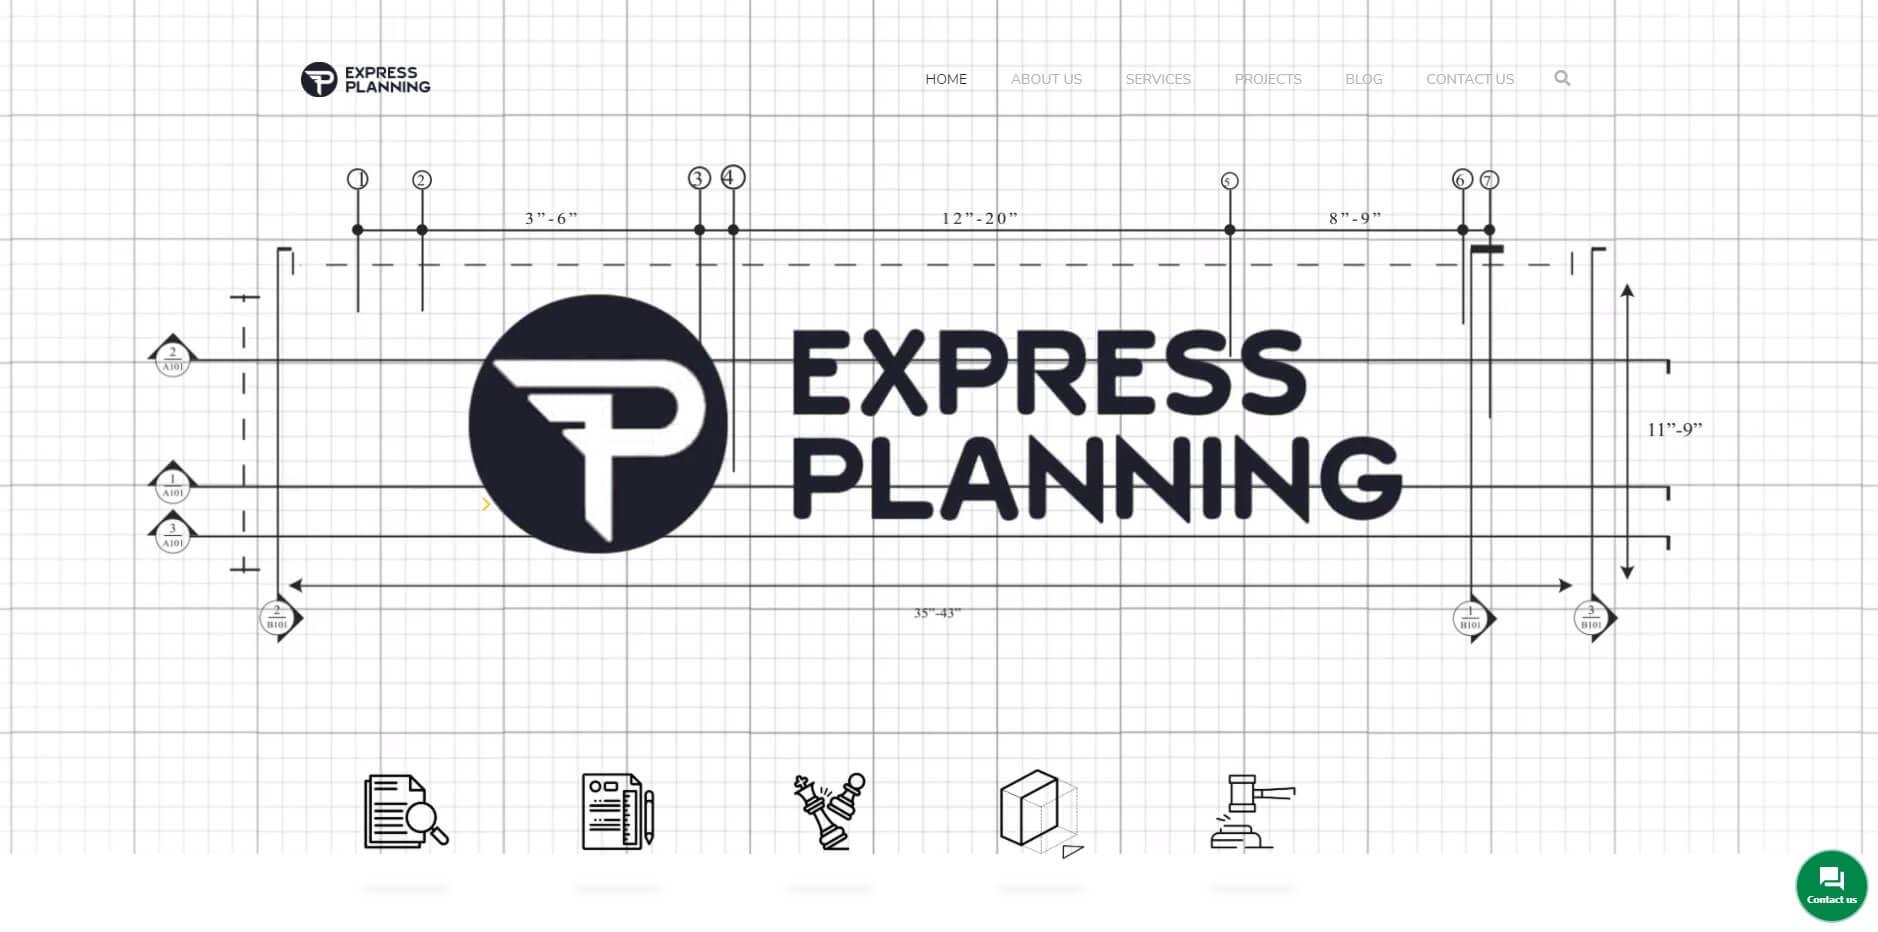 expressplanning